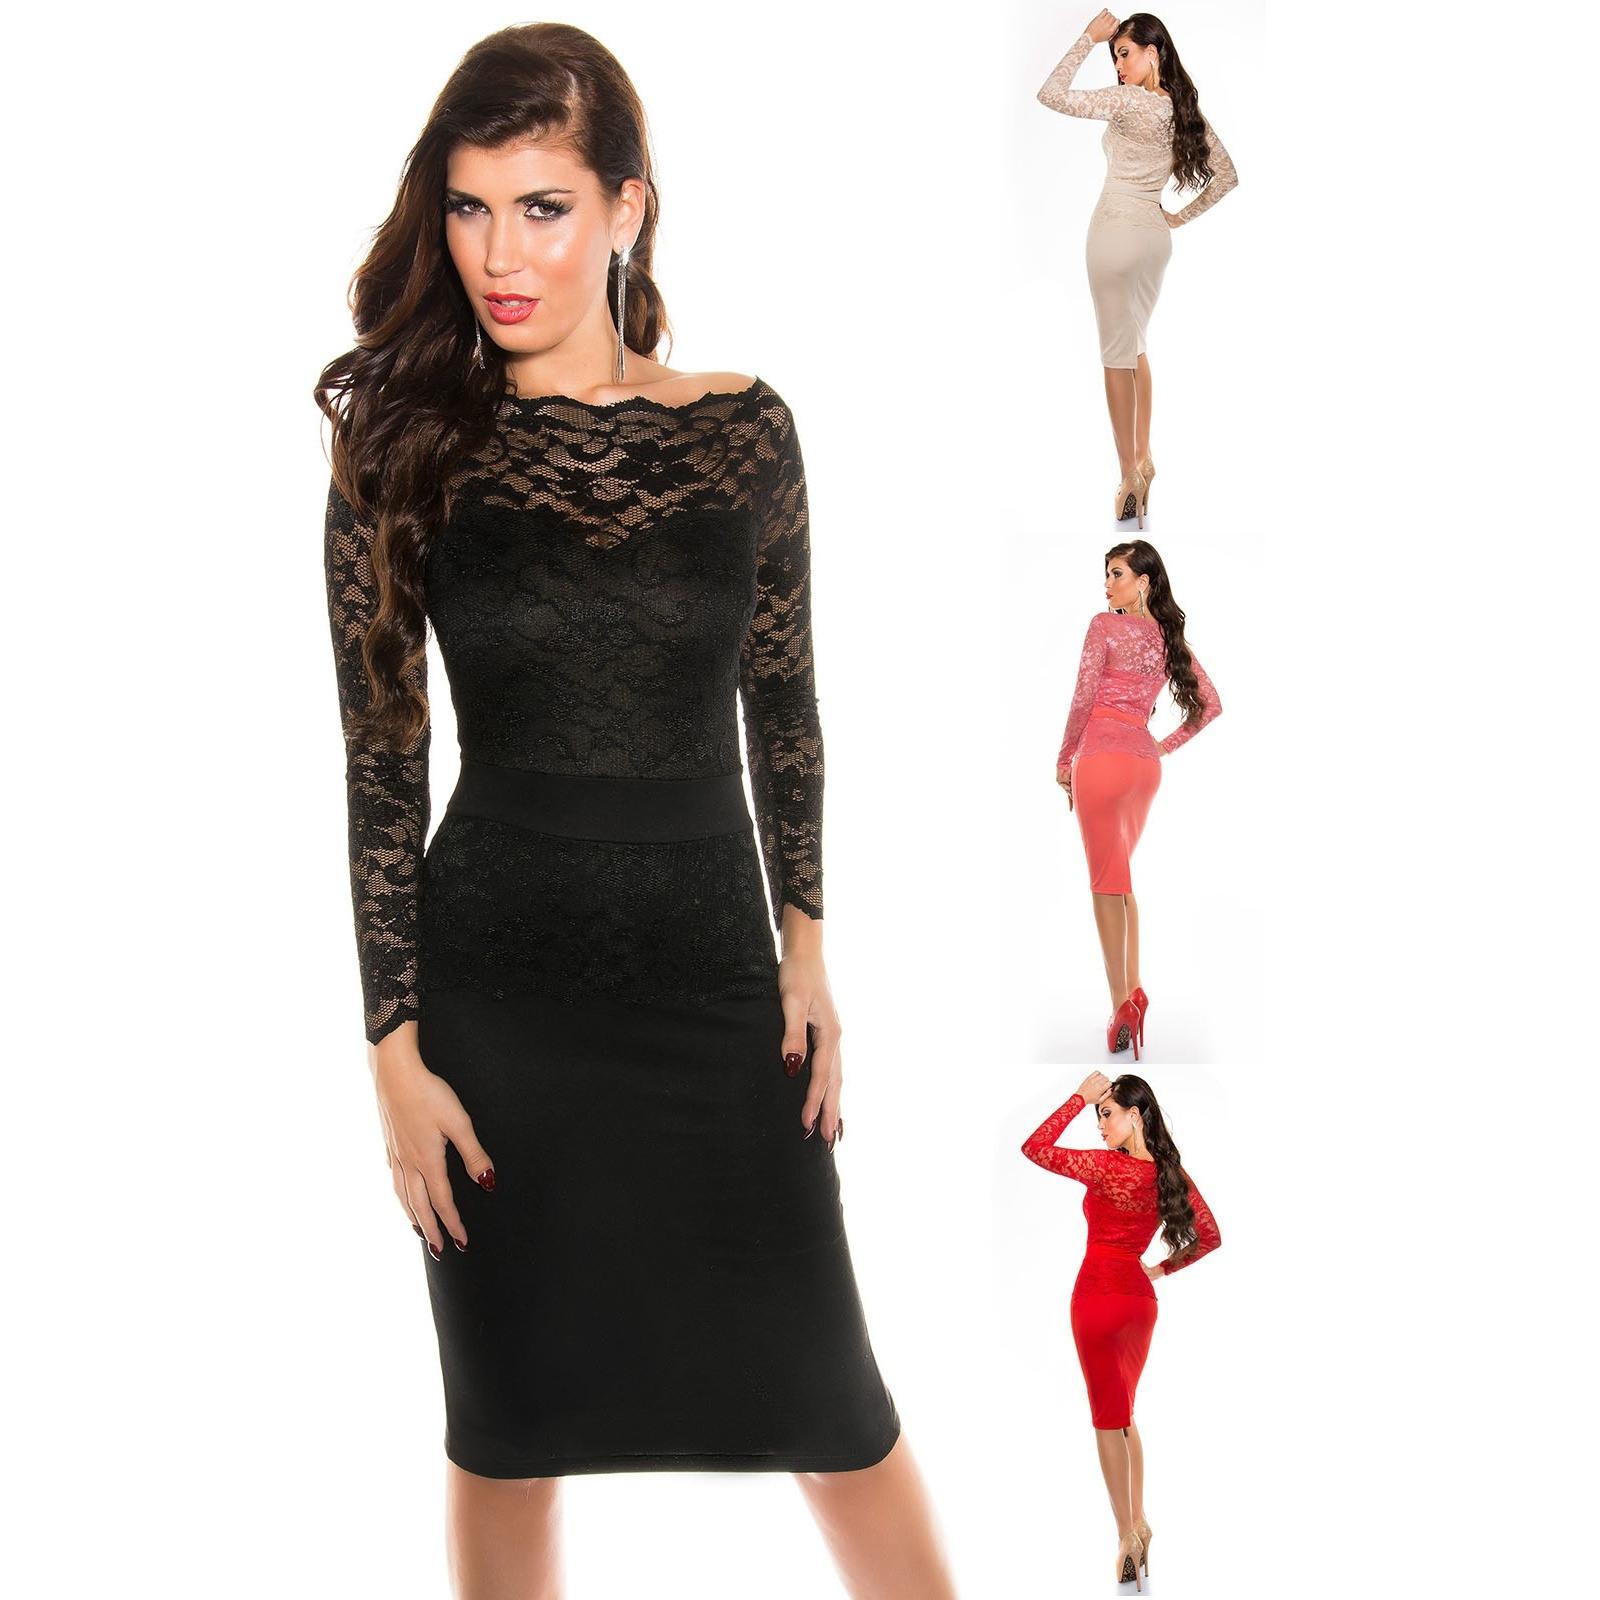 10 Ausgezeichnet Damen Kleider SpezialgebietDesigner Schön Damen Kleider Spezialgebiet